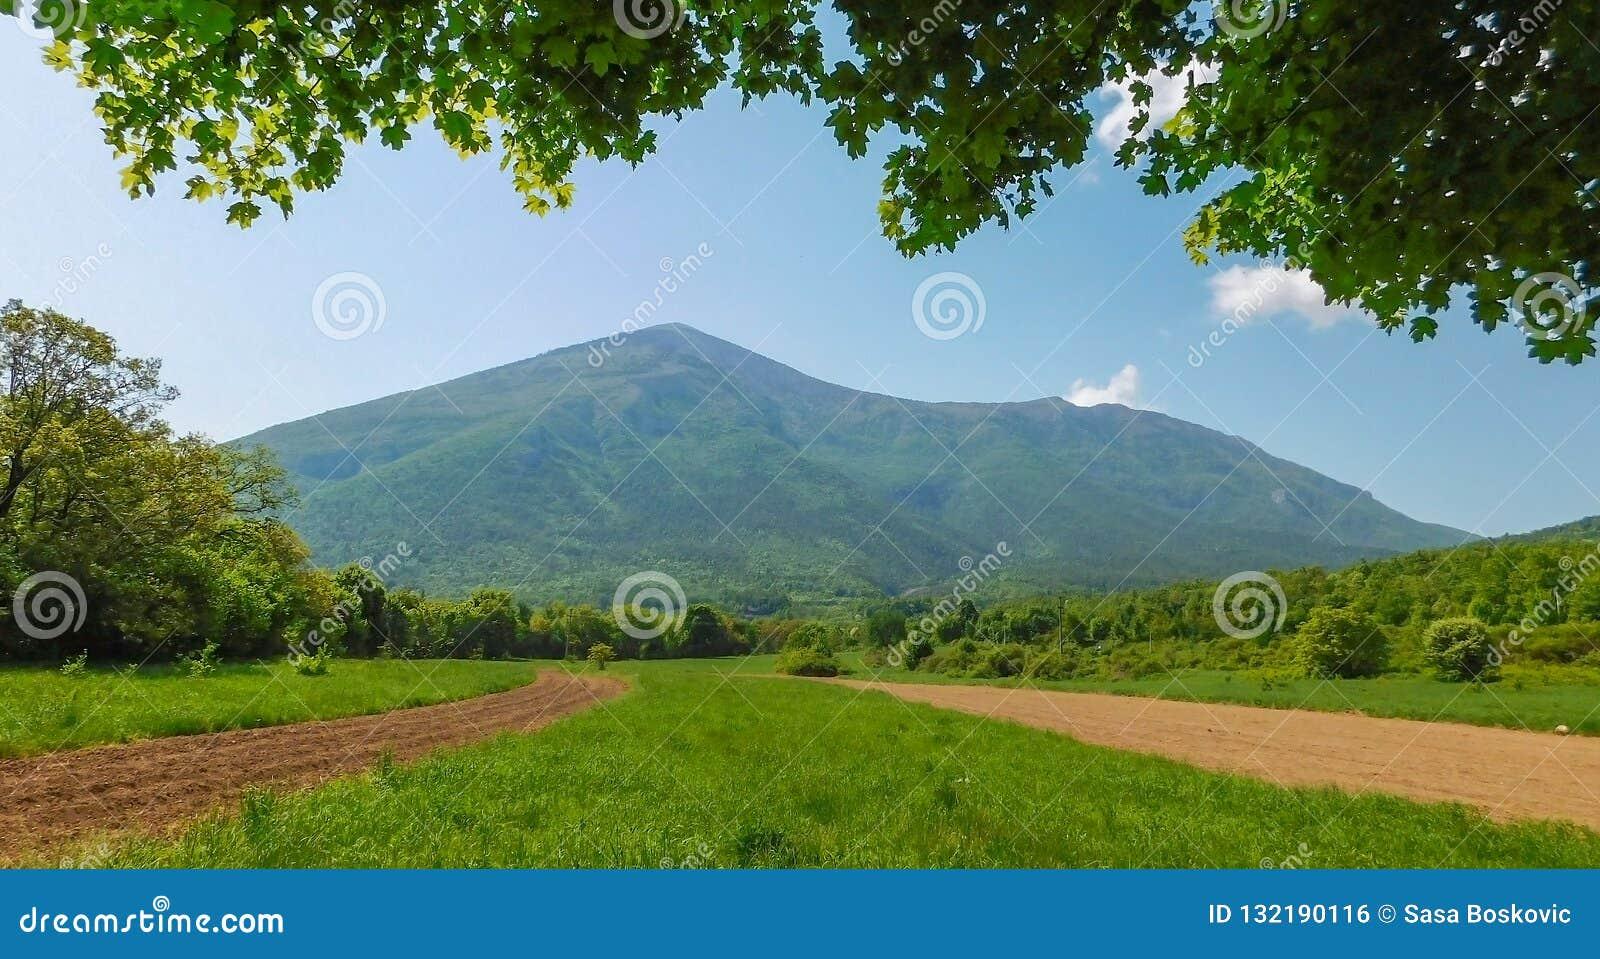 Rtanj Mountain View